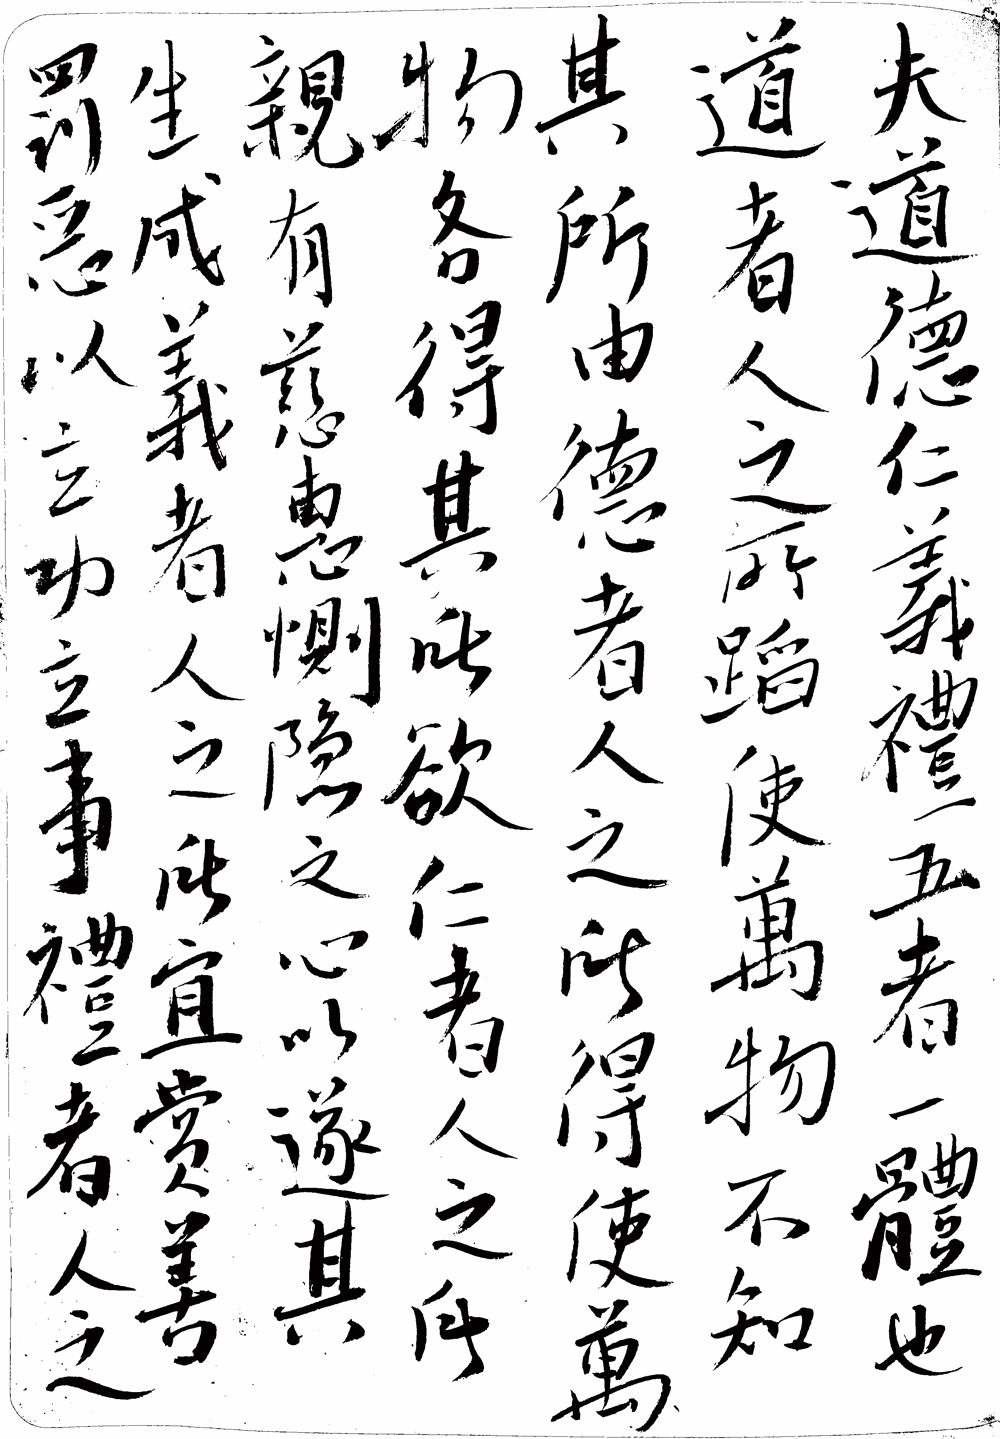 hmeicheng作品:素书